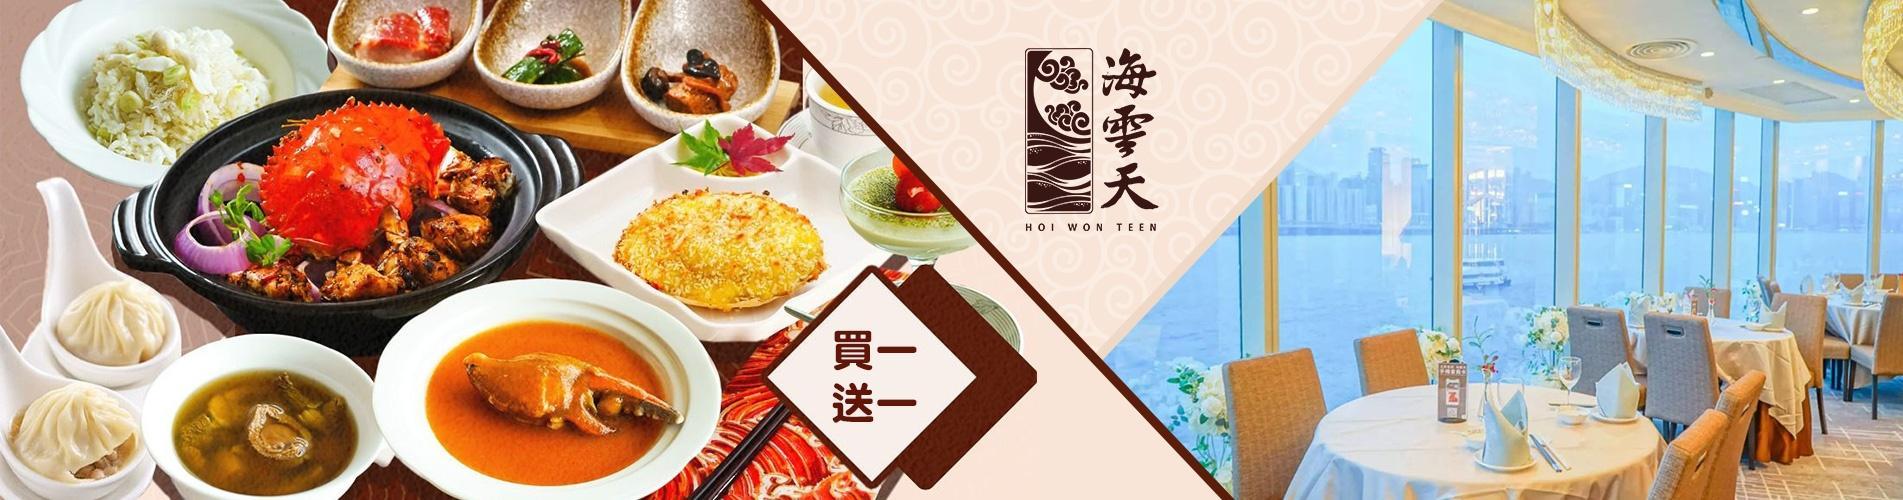 【買一送一】九龍海逸君綽酒店 - 海雲天「蟹之約會」盛宴